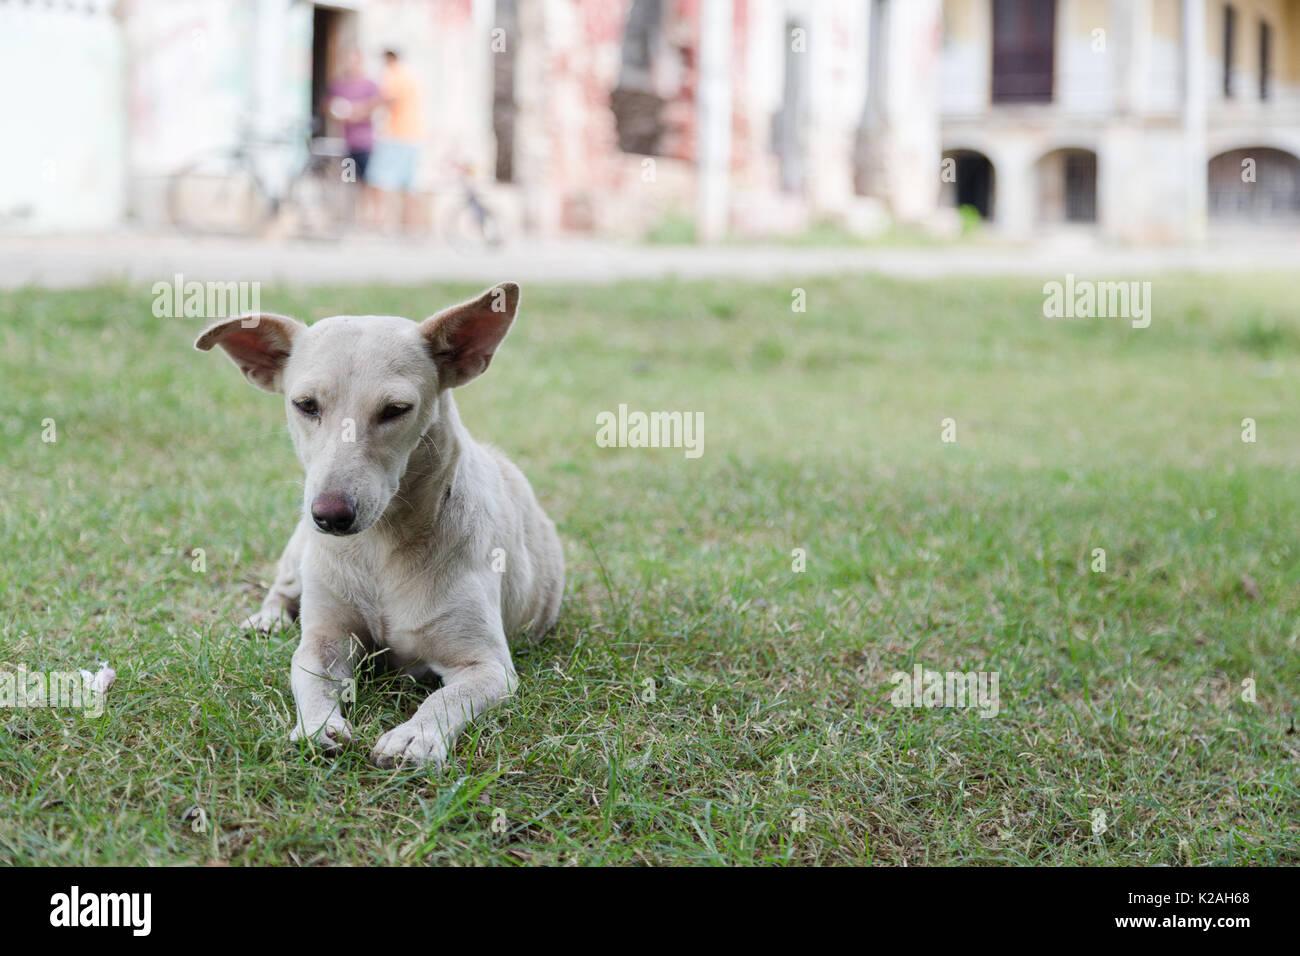 Ein lokaler Hund verbringt den Nachmittag auf dem Boden der Hacienda Yaxcopoil Yxcopoil,, Yucatan, Mexiko. Stockbild